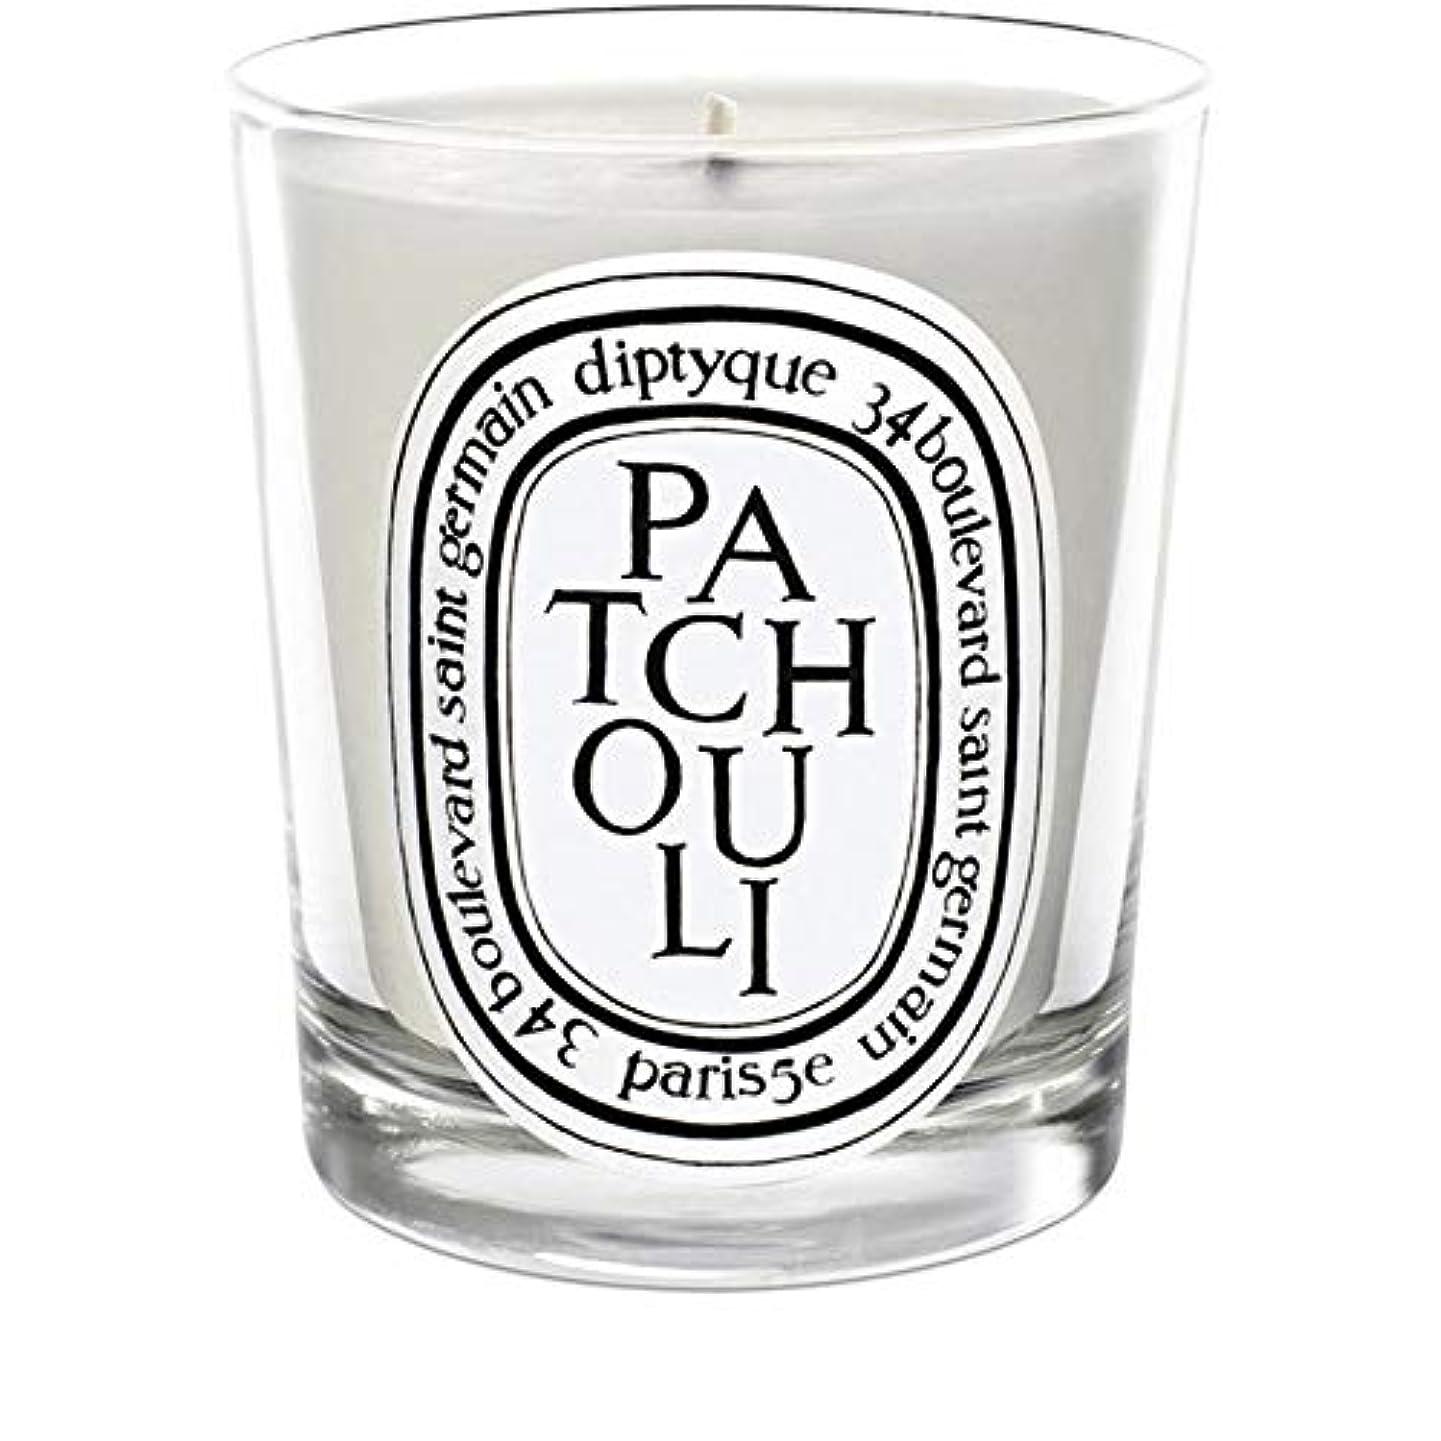 ギネスクマノミ破滅的な[Diptyque] Diptyqueのパチョリミニ香りのキャンドル70グラム - Diptyque Patchouli Mini Scented Candle 70g [並行輸入品]